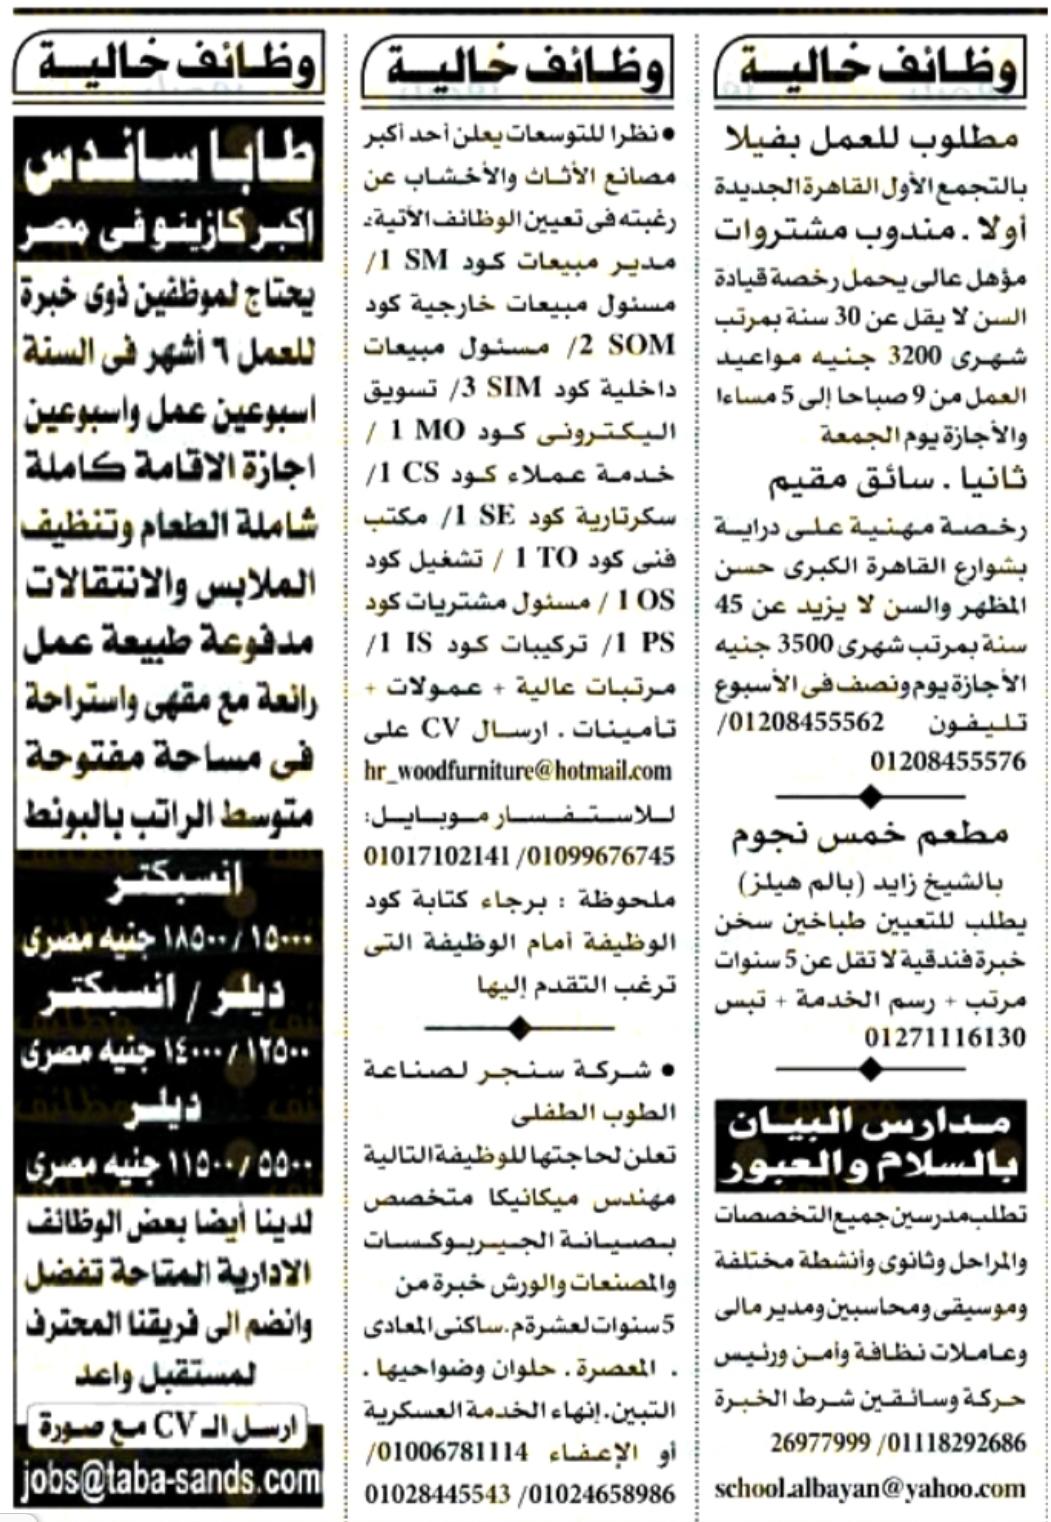 وظائف اهرام الجمعة 23/10/2020 العدد الاسبوعي 3